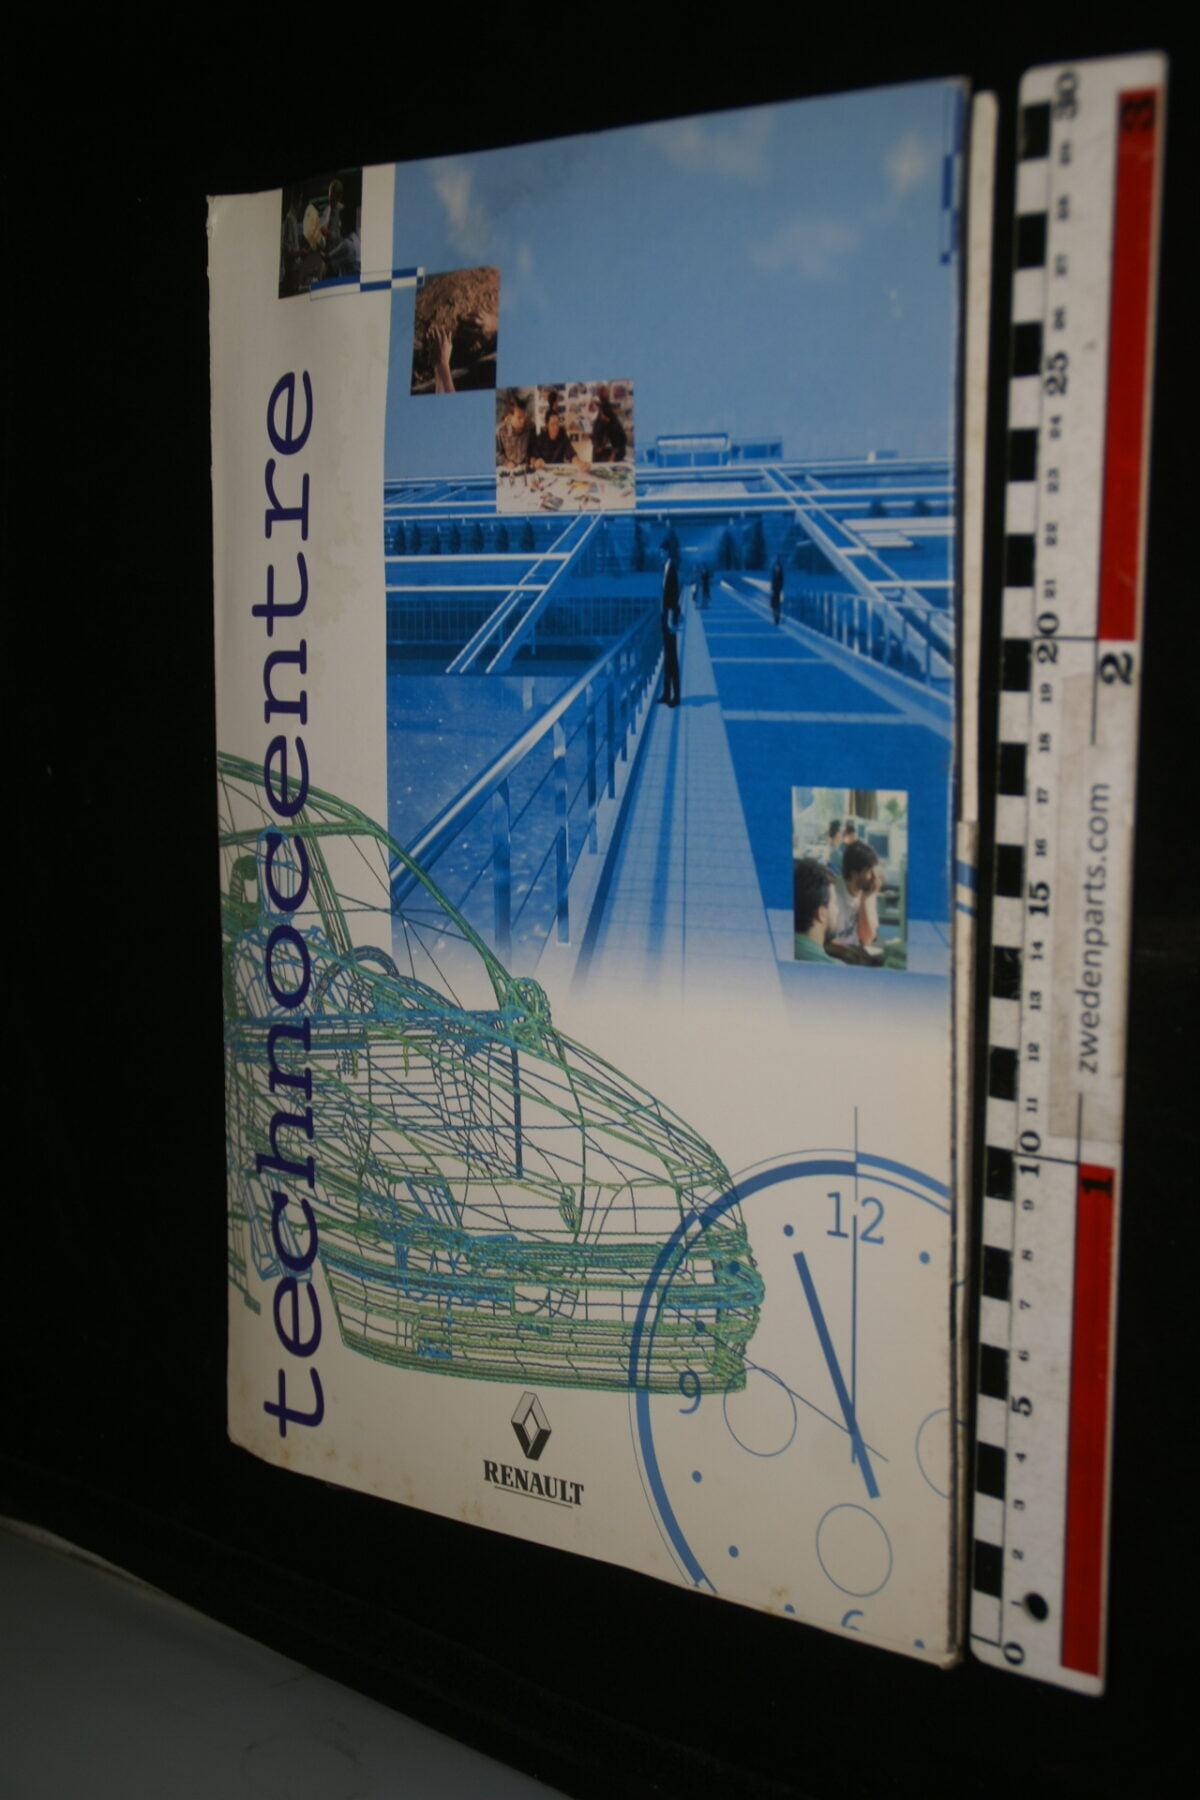 DSC00023 1995 originele persmap Renault Technocentre, English-d4c03ba4